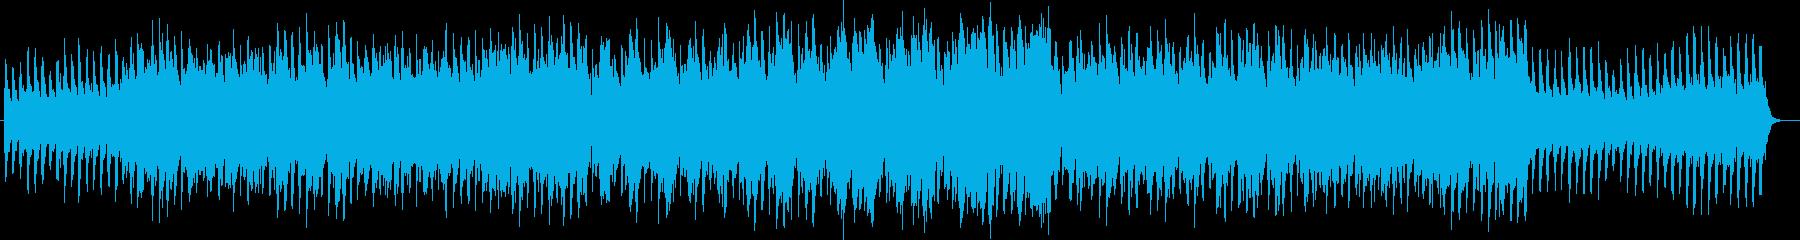 少し切ないキラキラしたシンセ曲の再生済みの波形